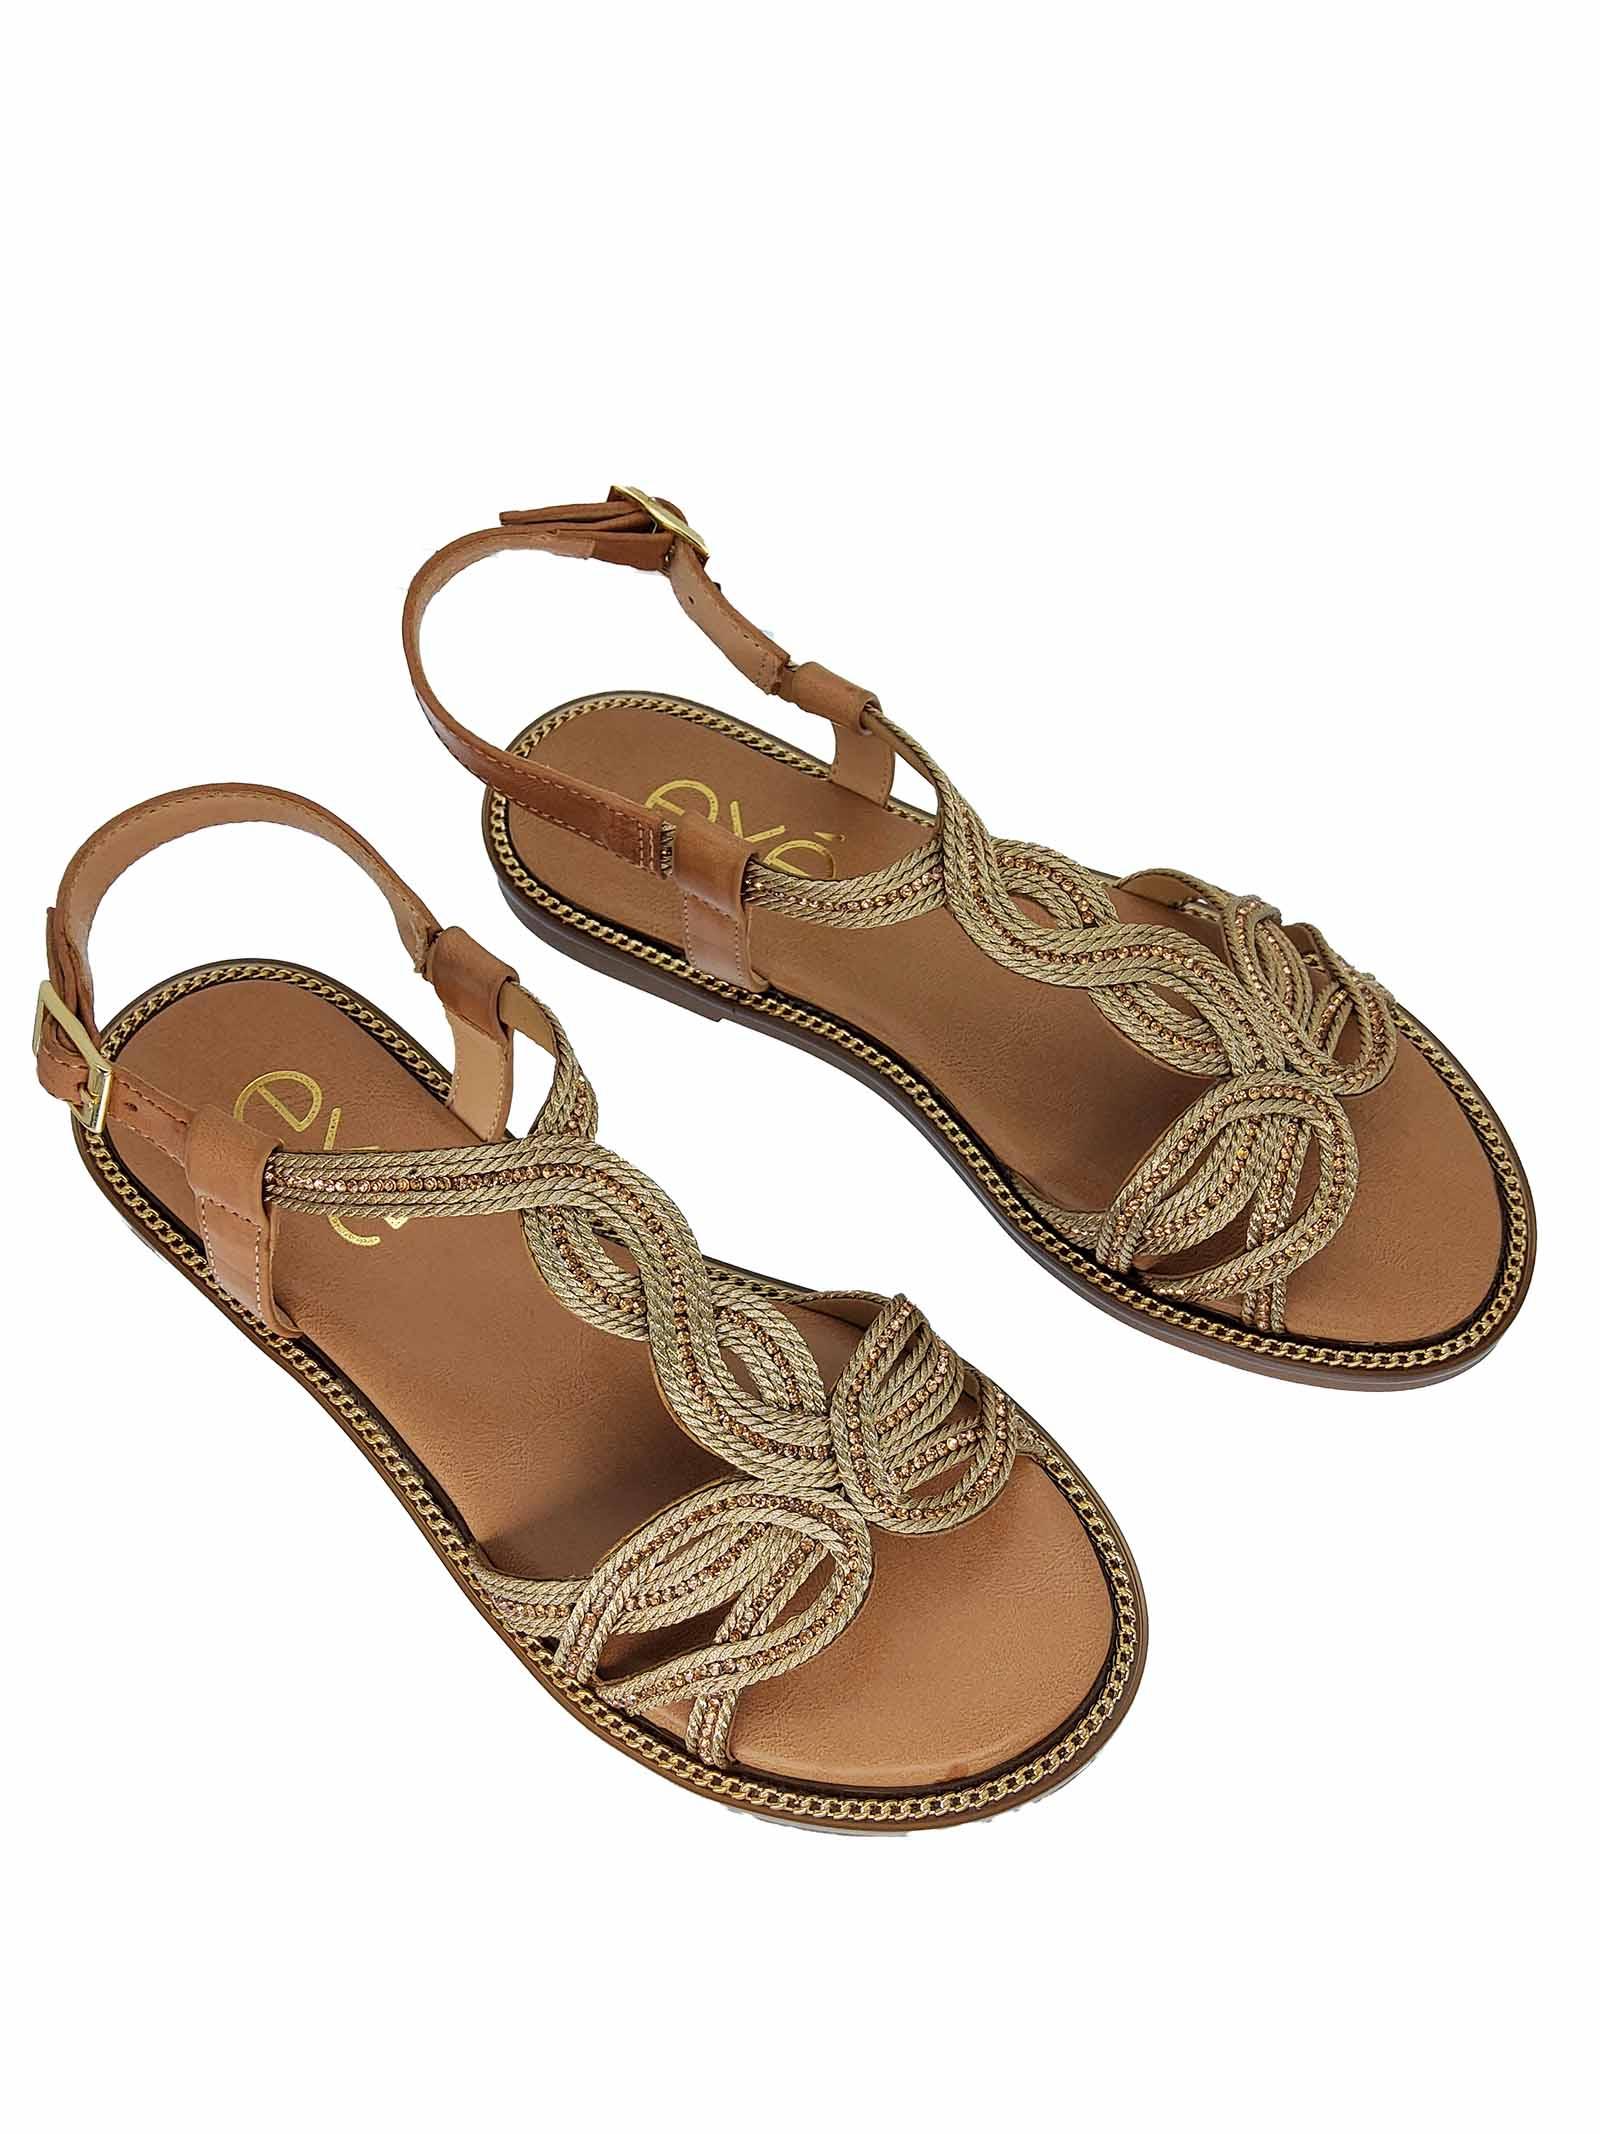 Calzature Donna Sandali Bassi in Eco Pelle Nude Con Ricami in Oro e Cinturino alla Caviglia Exe   Sandali Flat   ARIANA516602